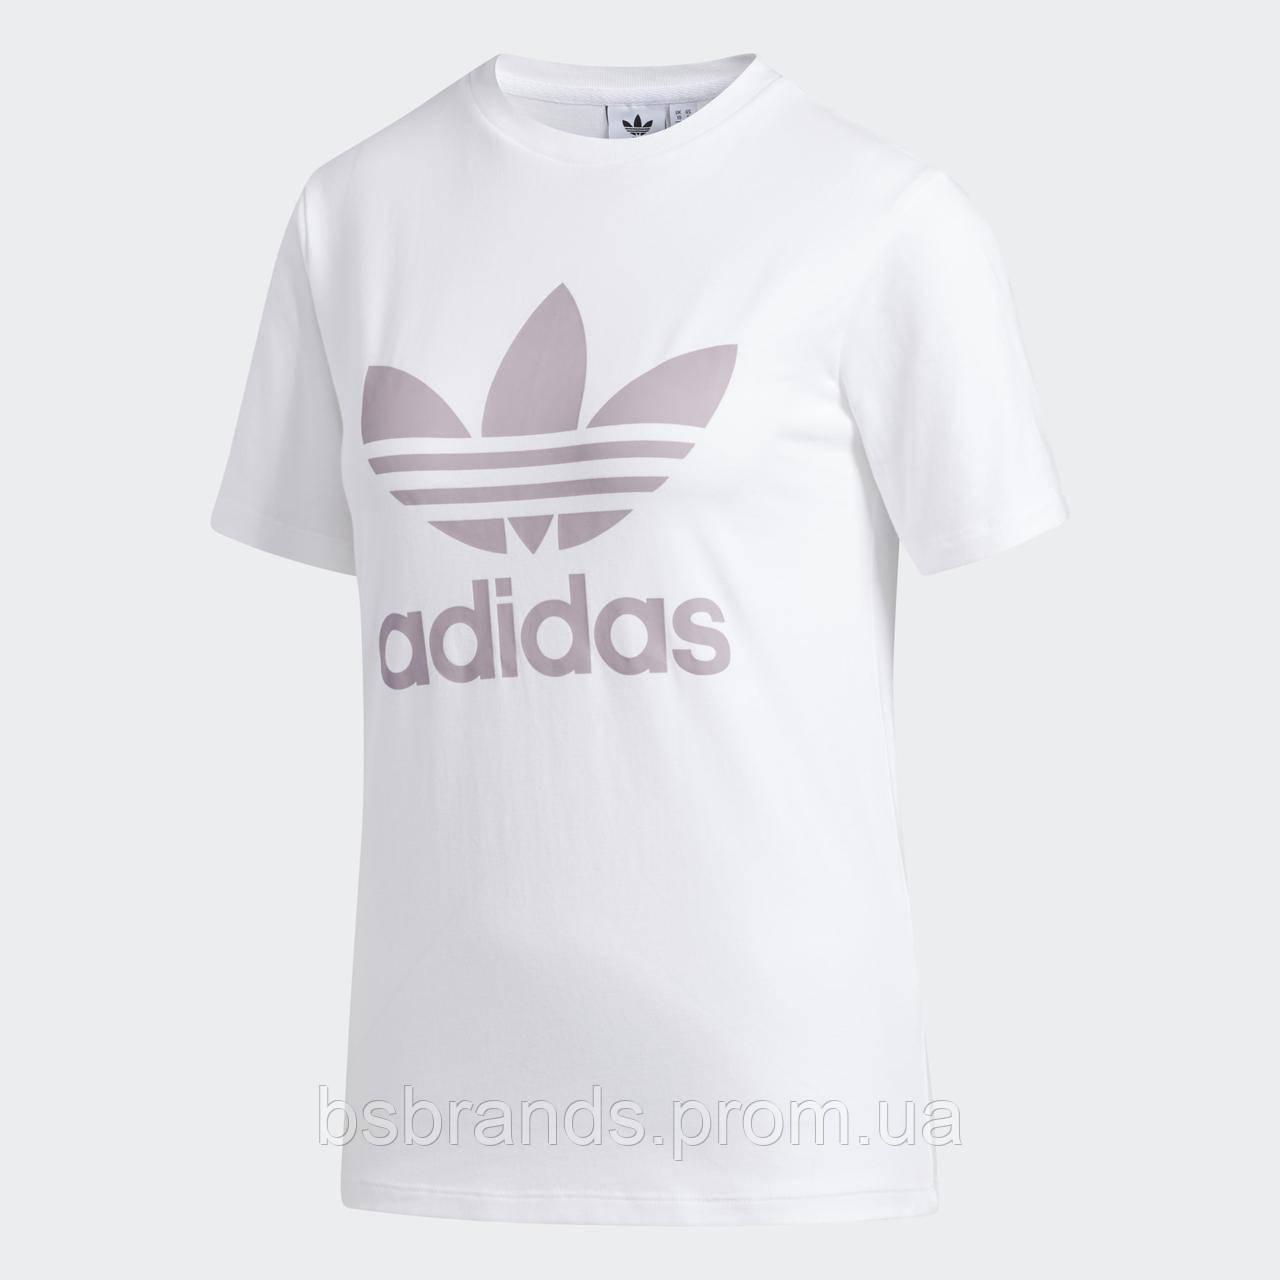 Женская футболка adidas Trefoil FJ9454